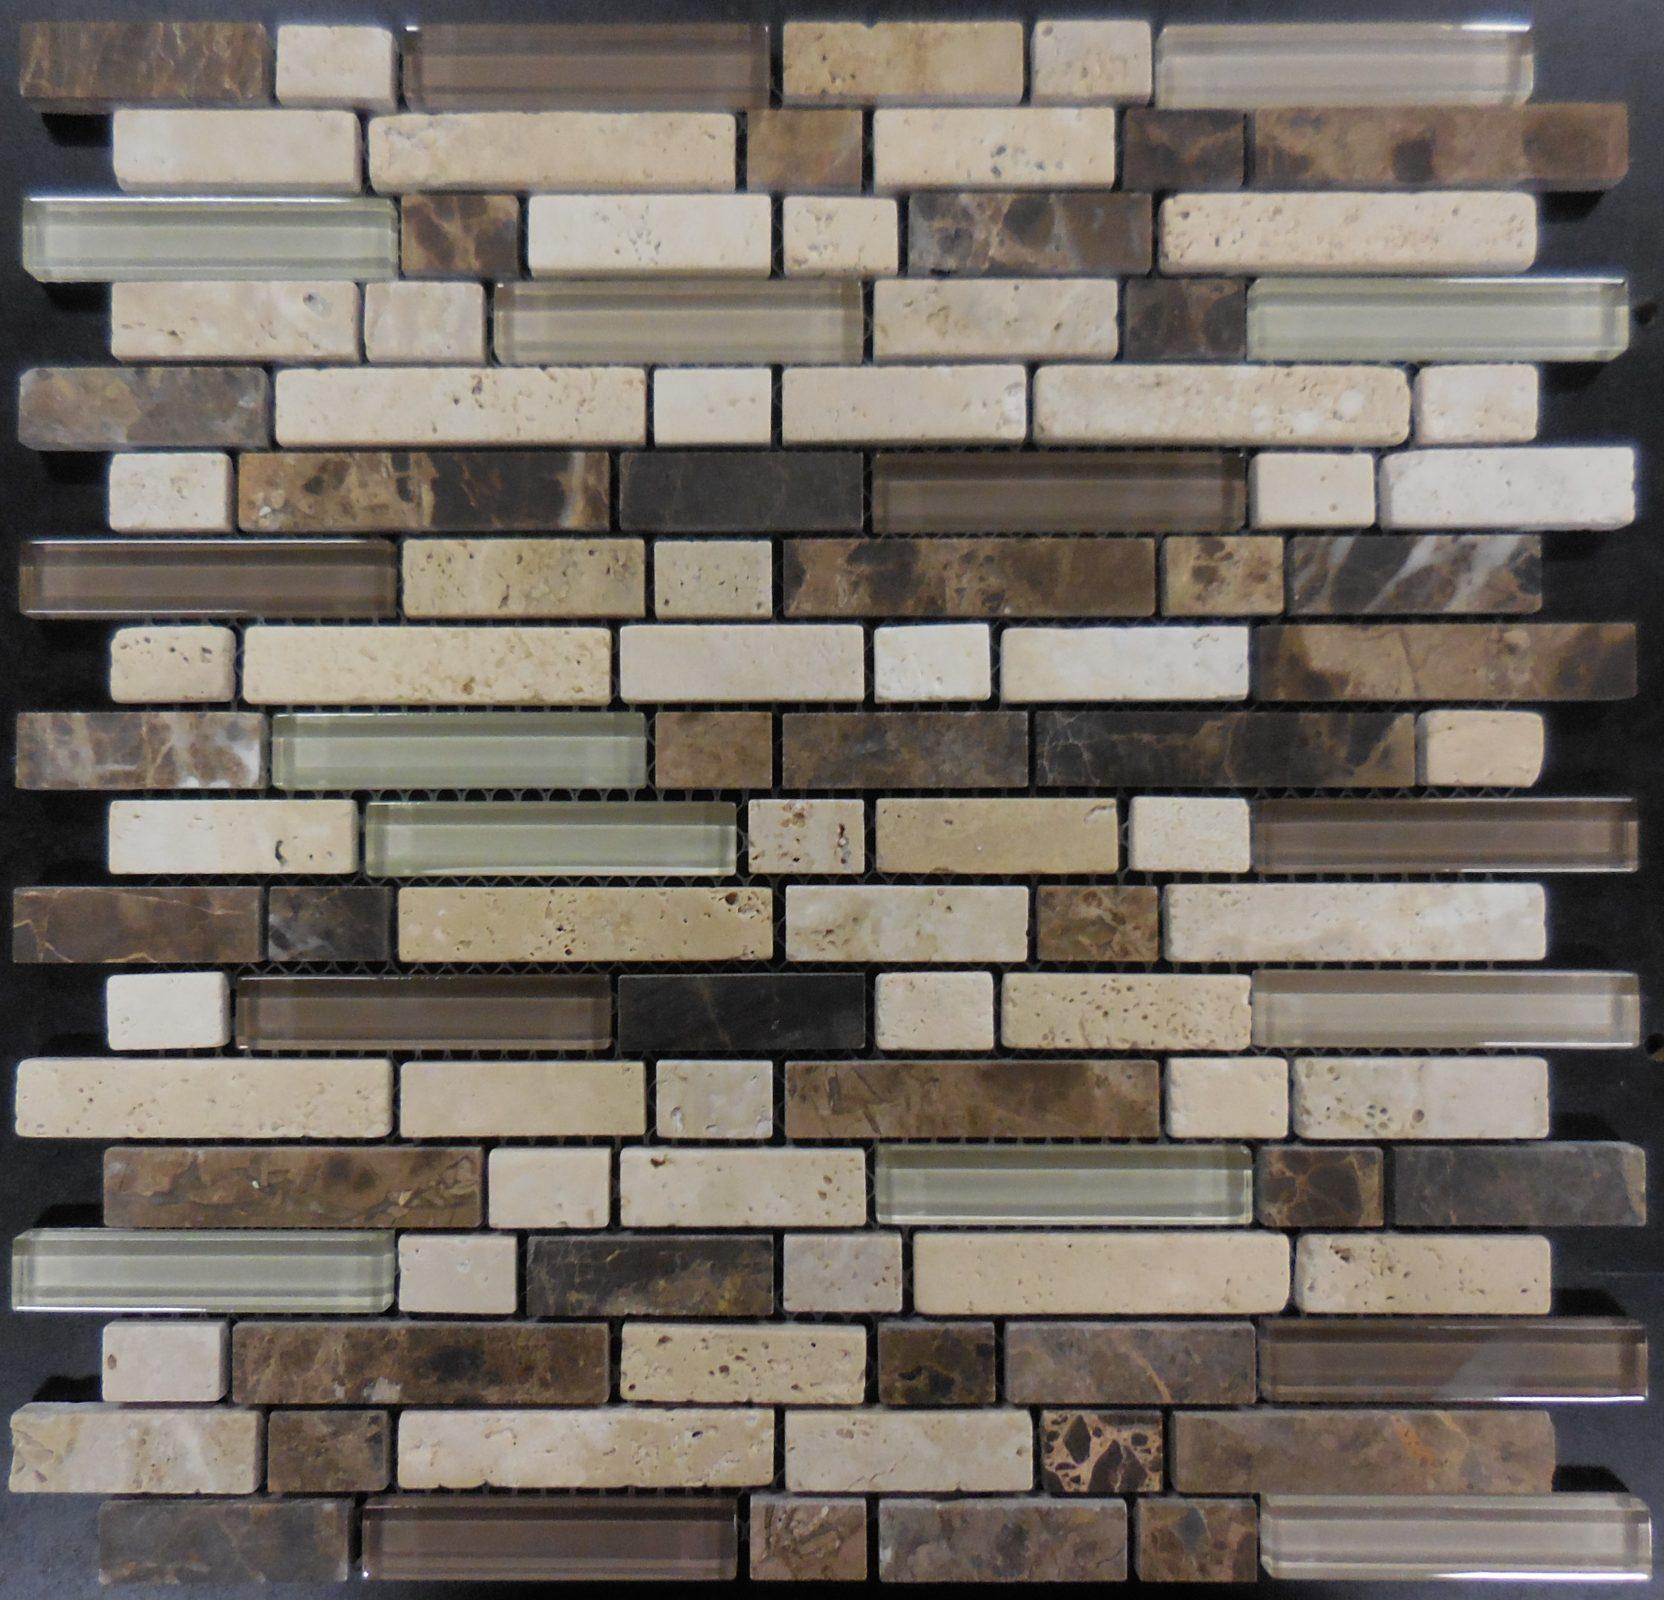 Ms215 Gl Tile And Stone Mosaic Backsplash